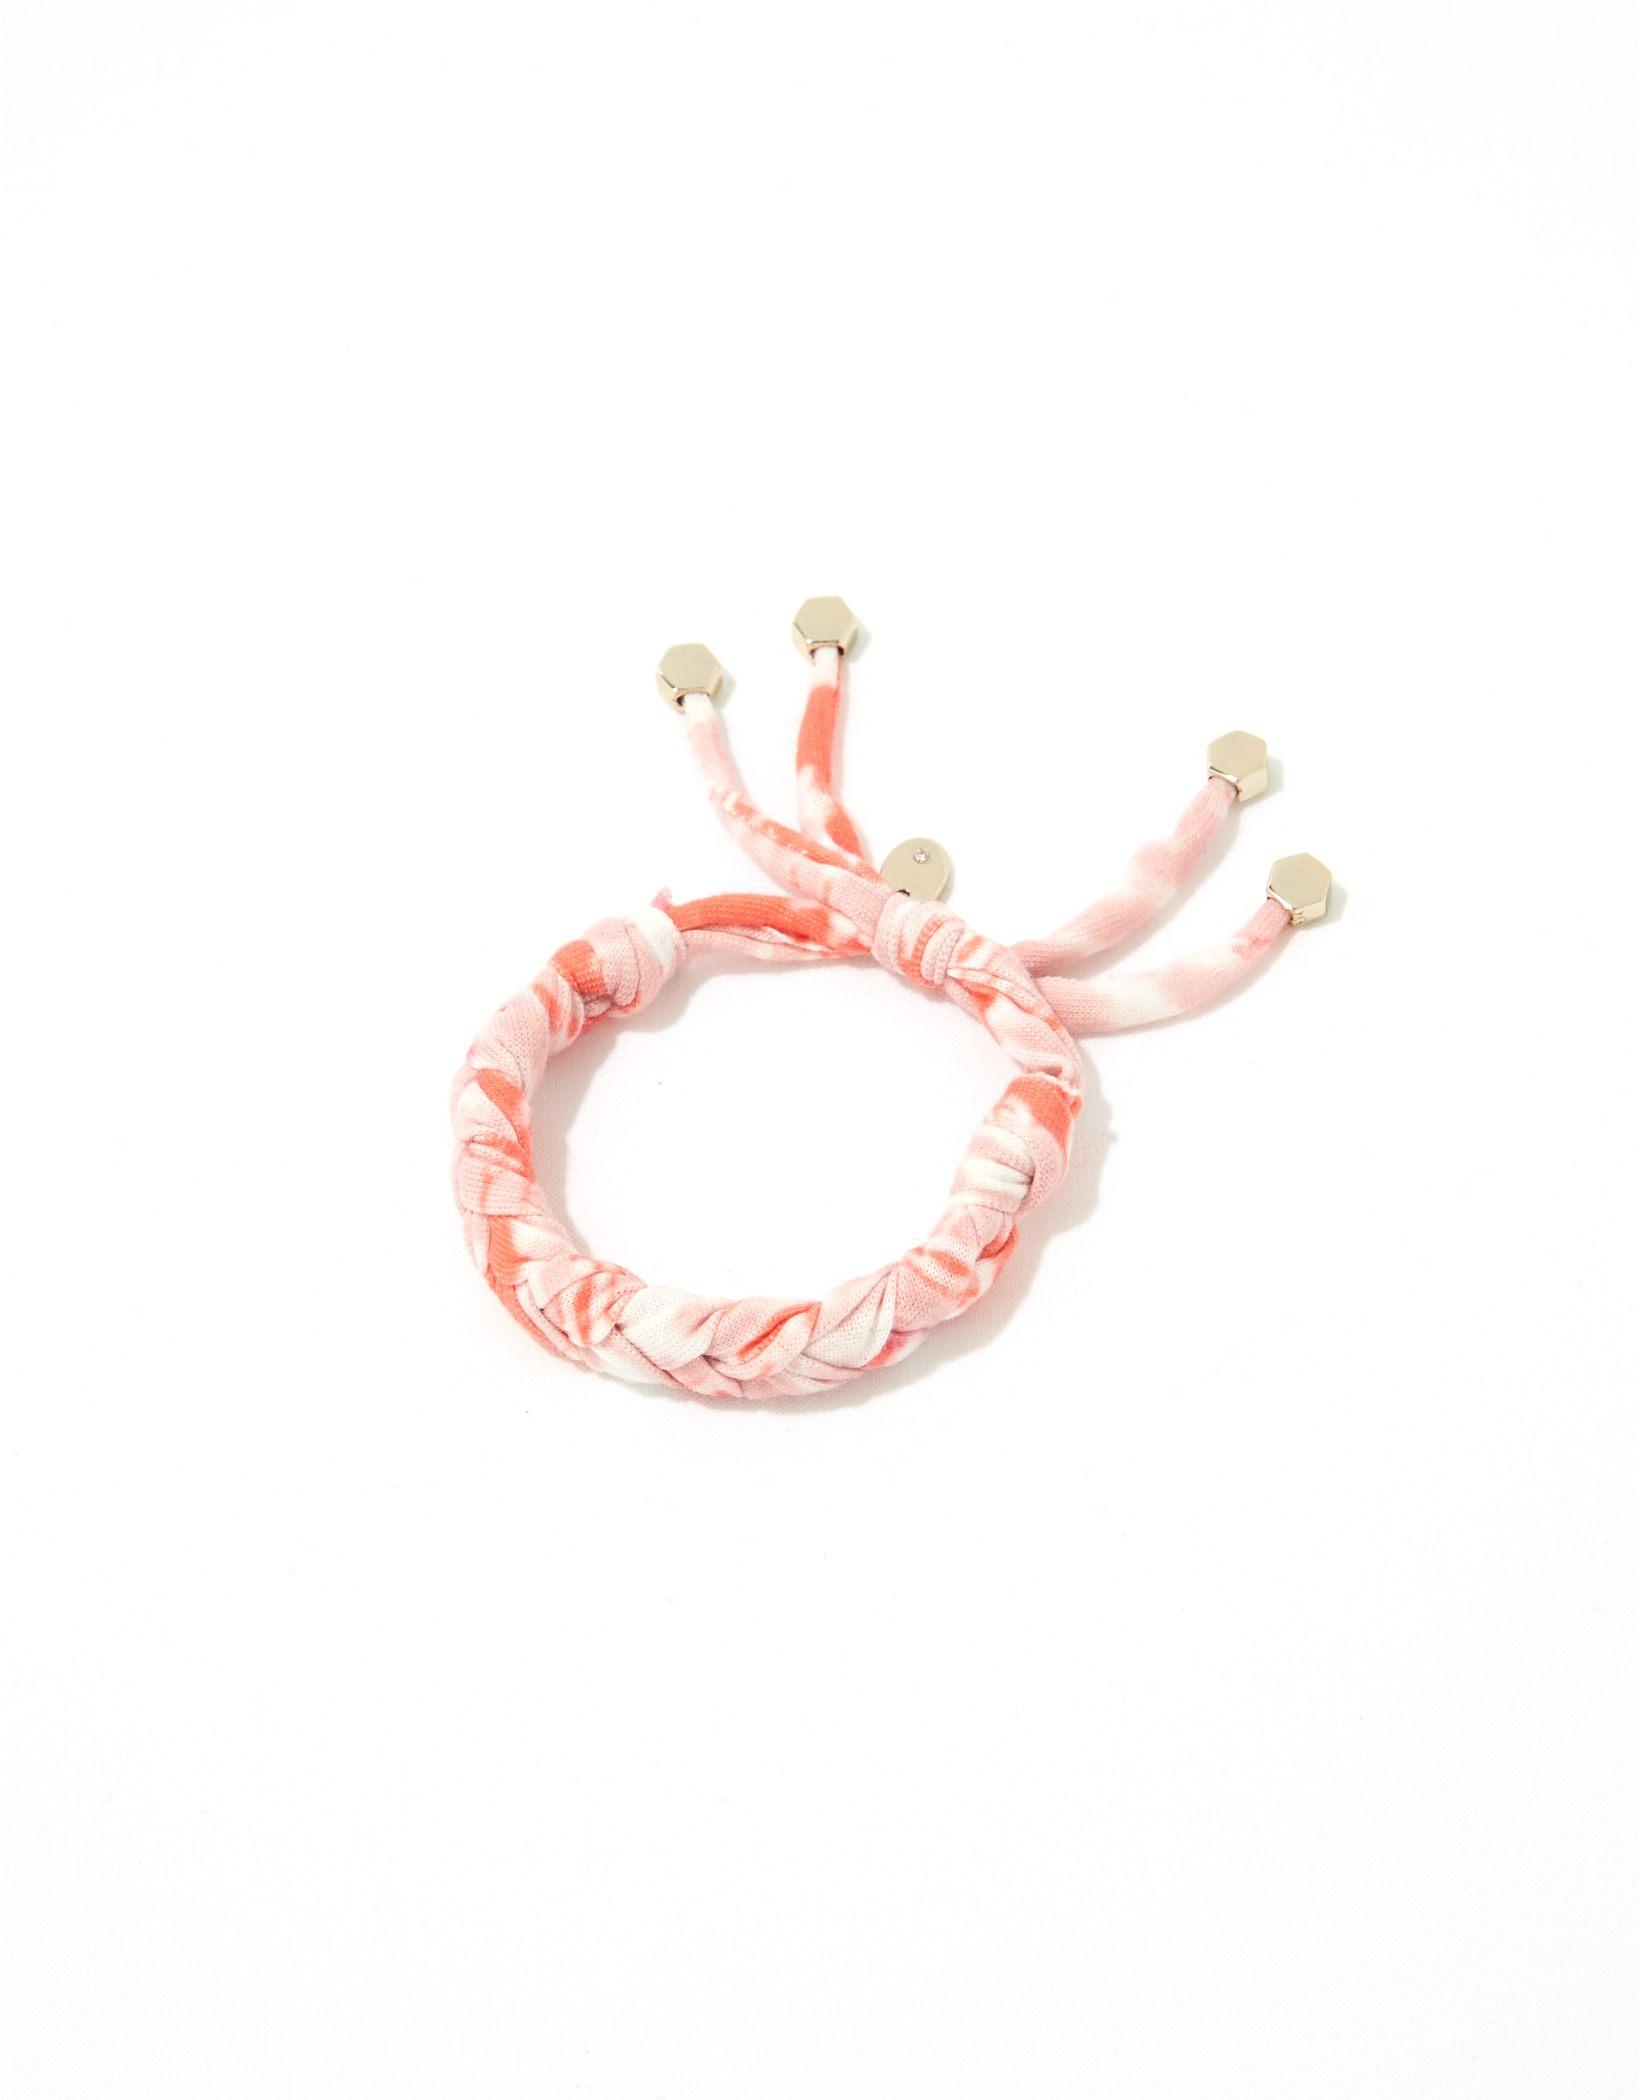 Aerie Tie Dye Rope Bracelet